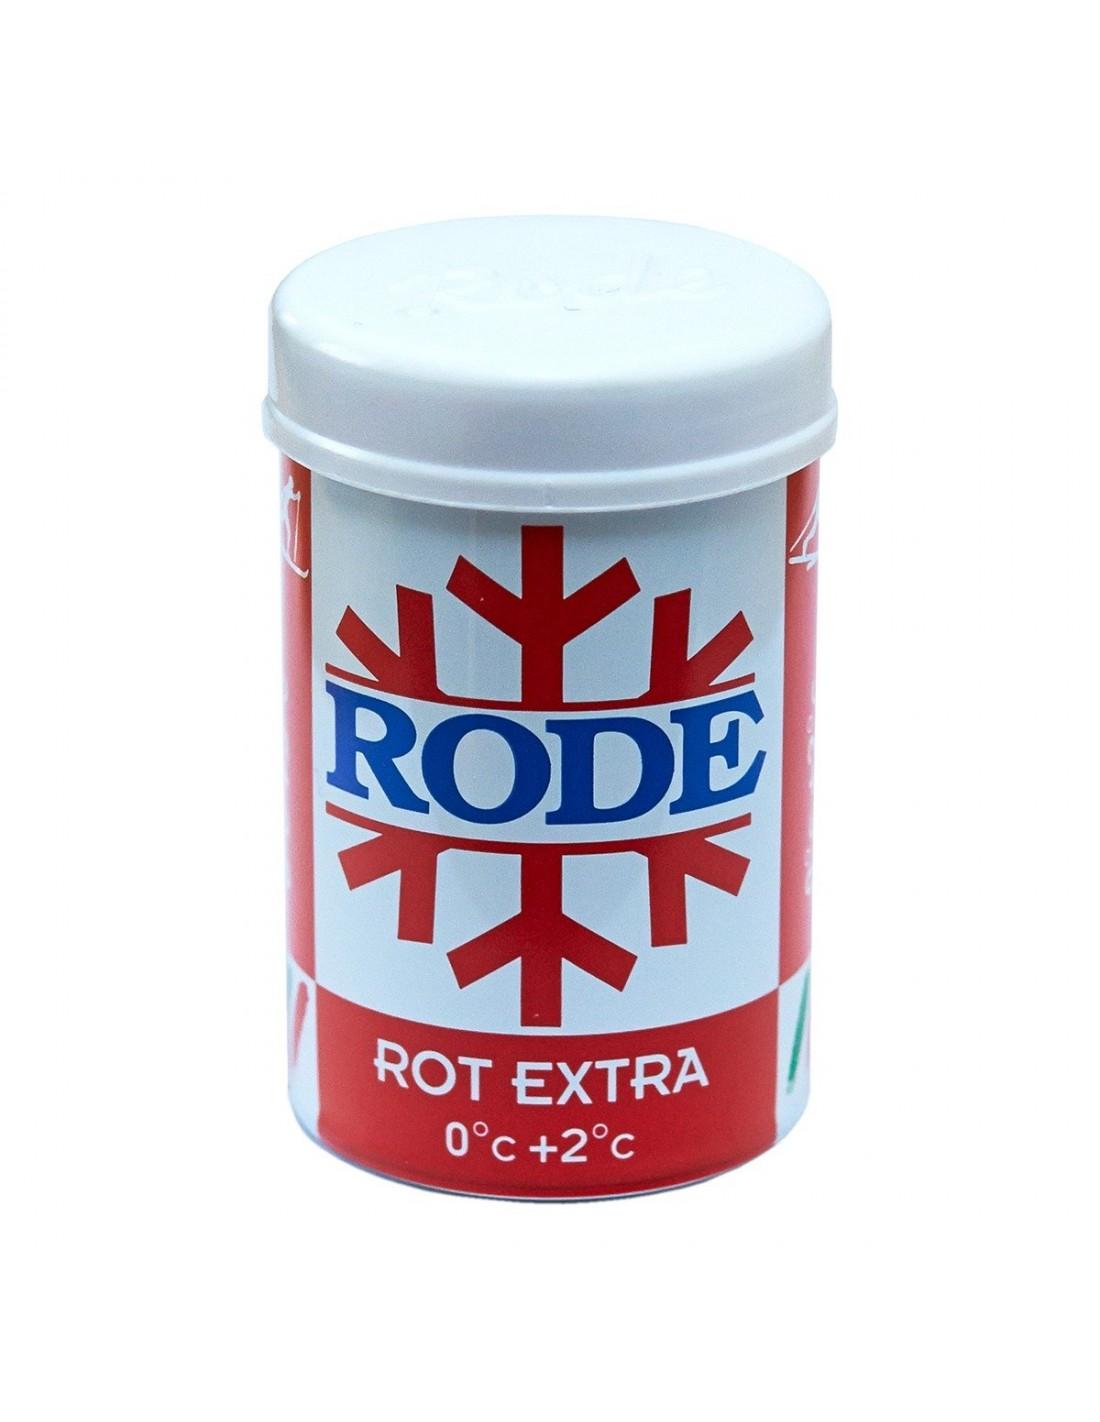 Festesmøring Rode Festevoks Rossa Extra 0/+2 RSP52 129 kr